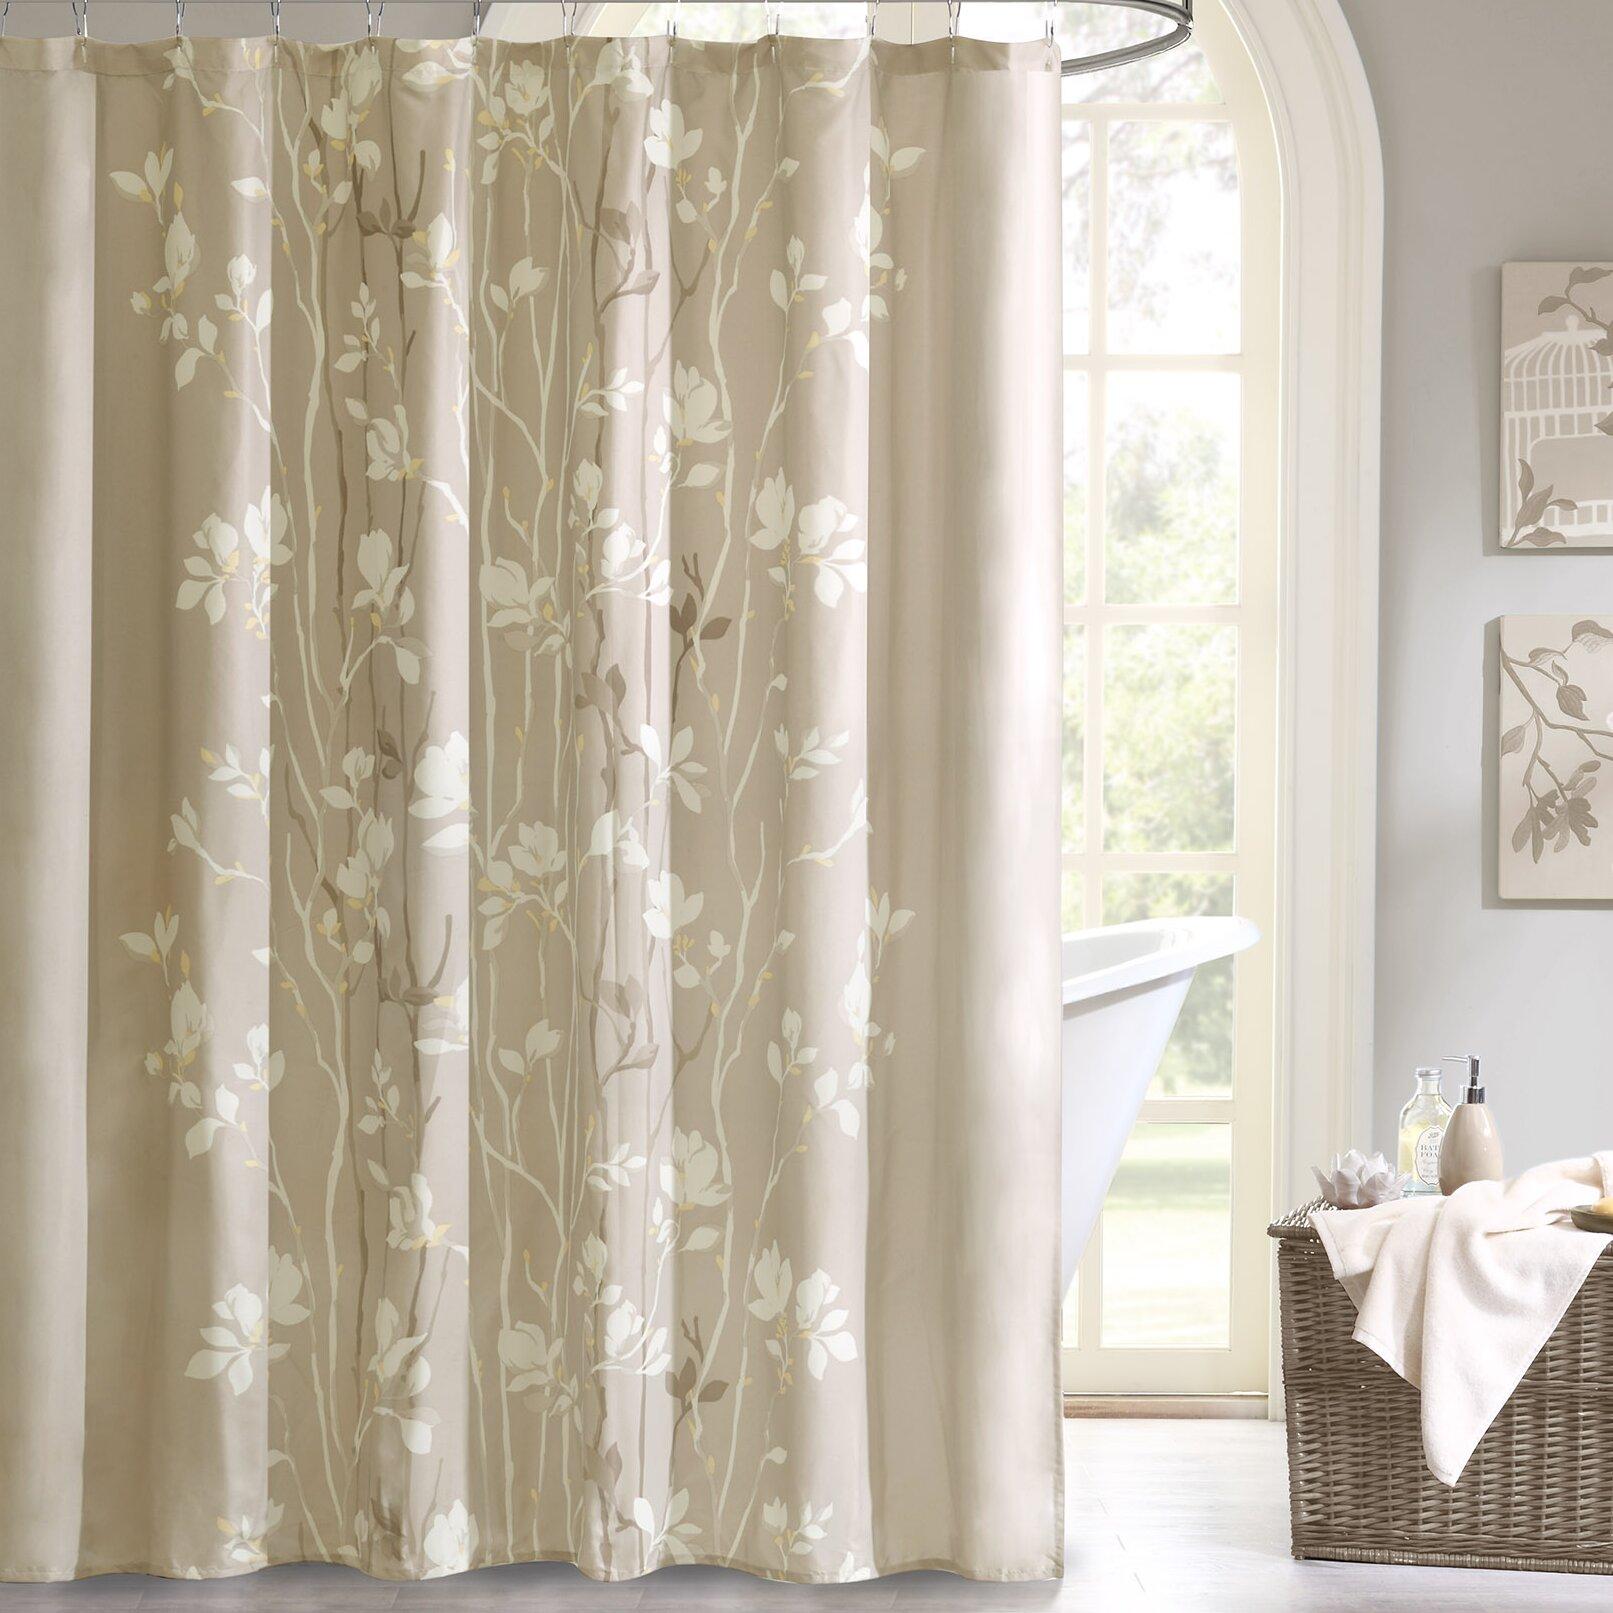 Aqua Chevron Shower Curtain - Vaughn shower curtain